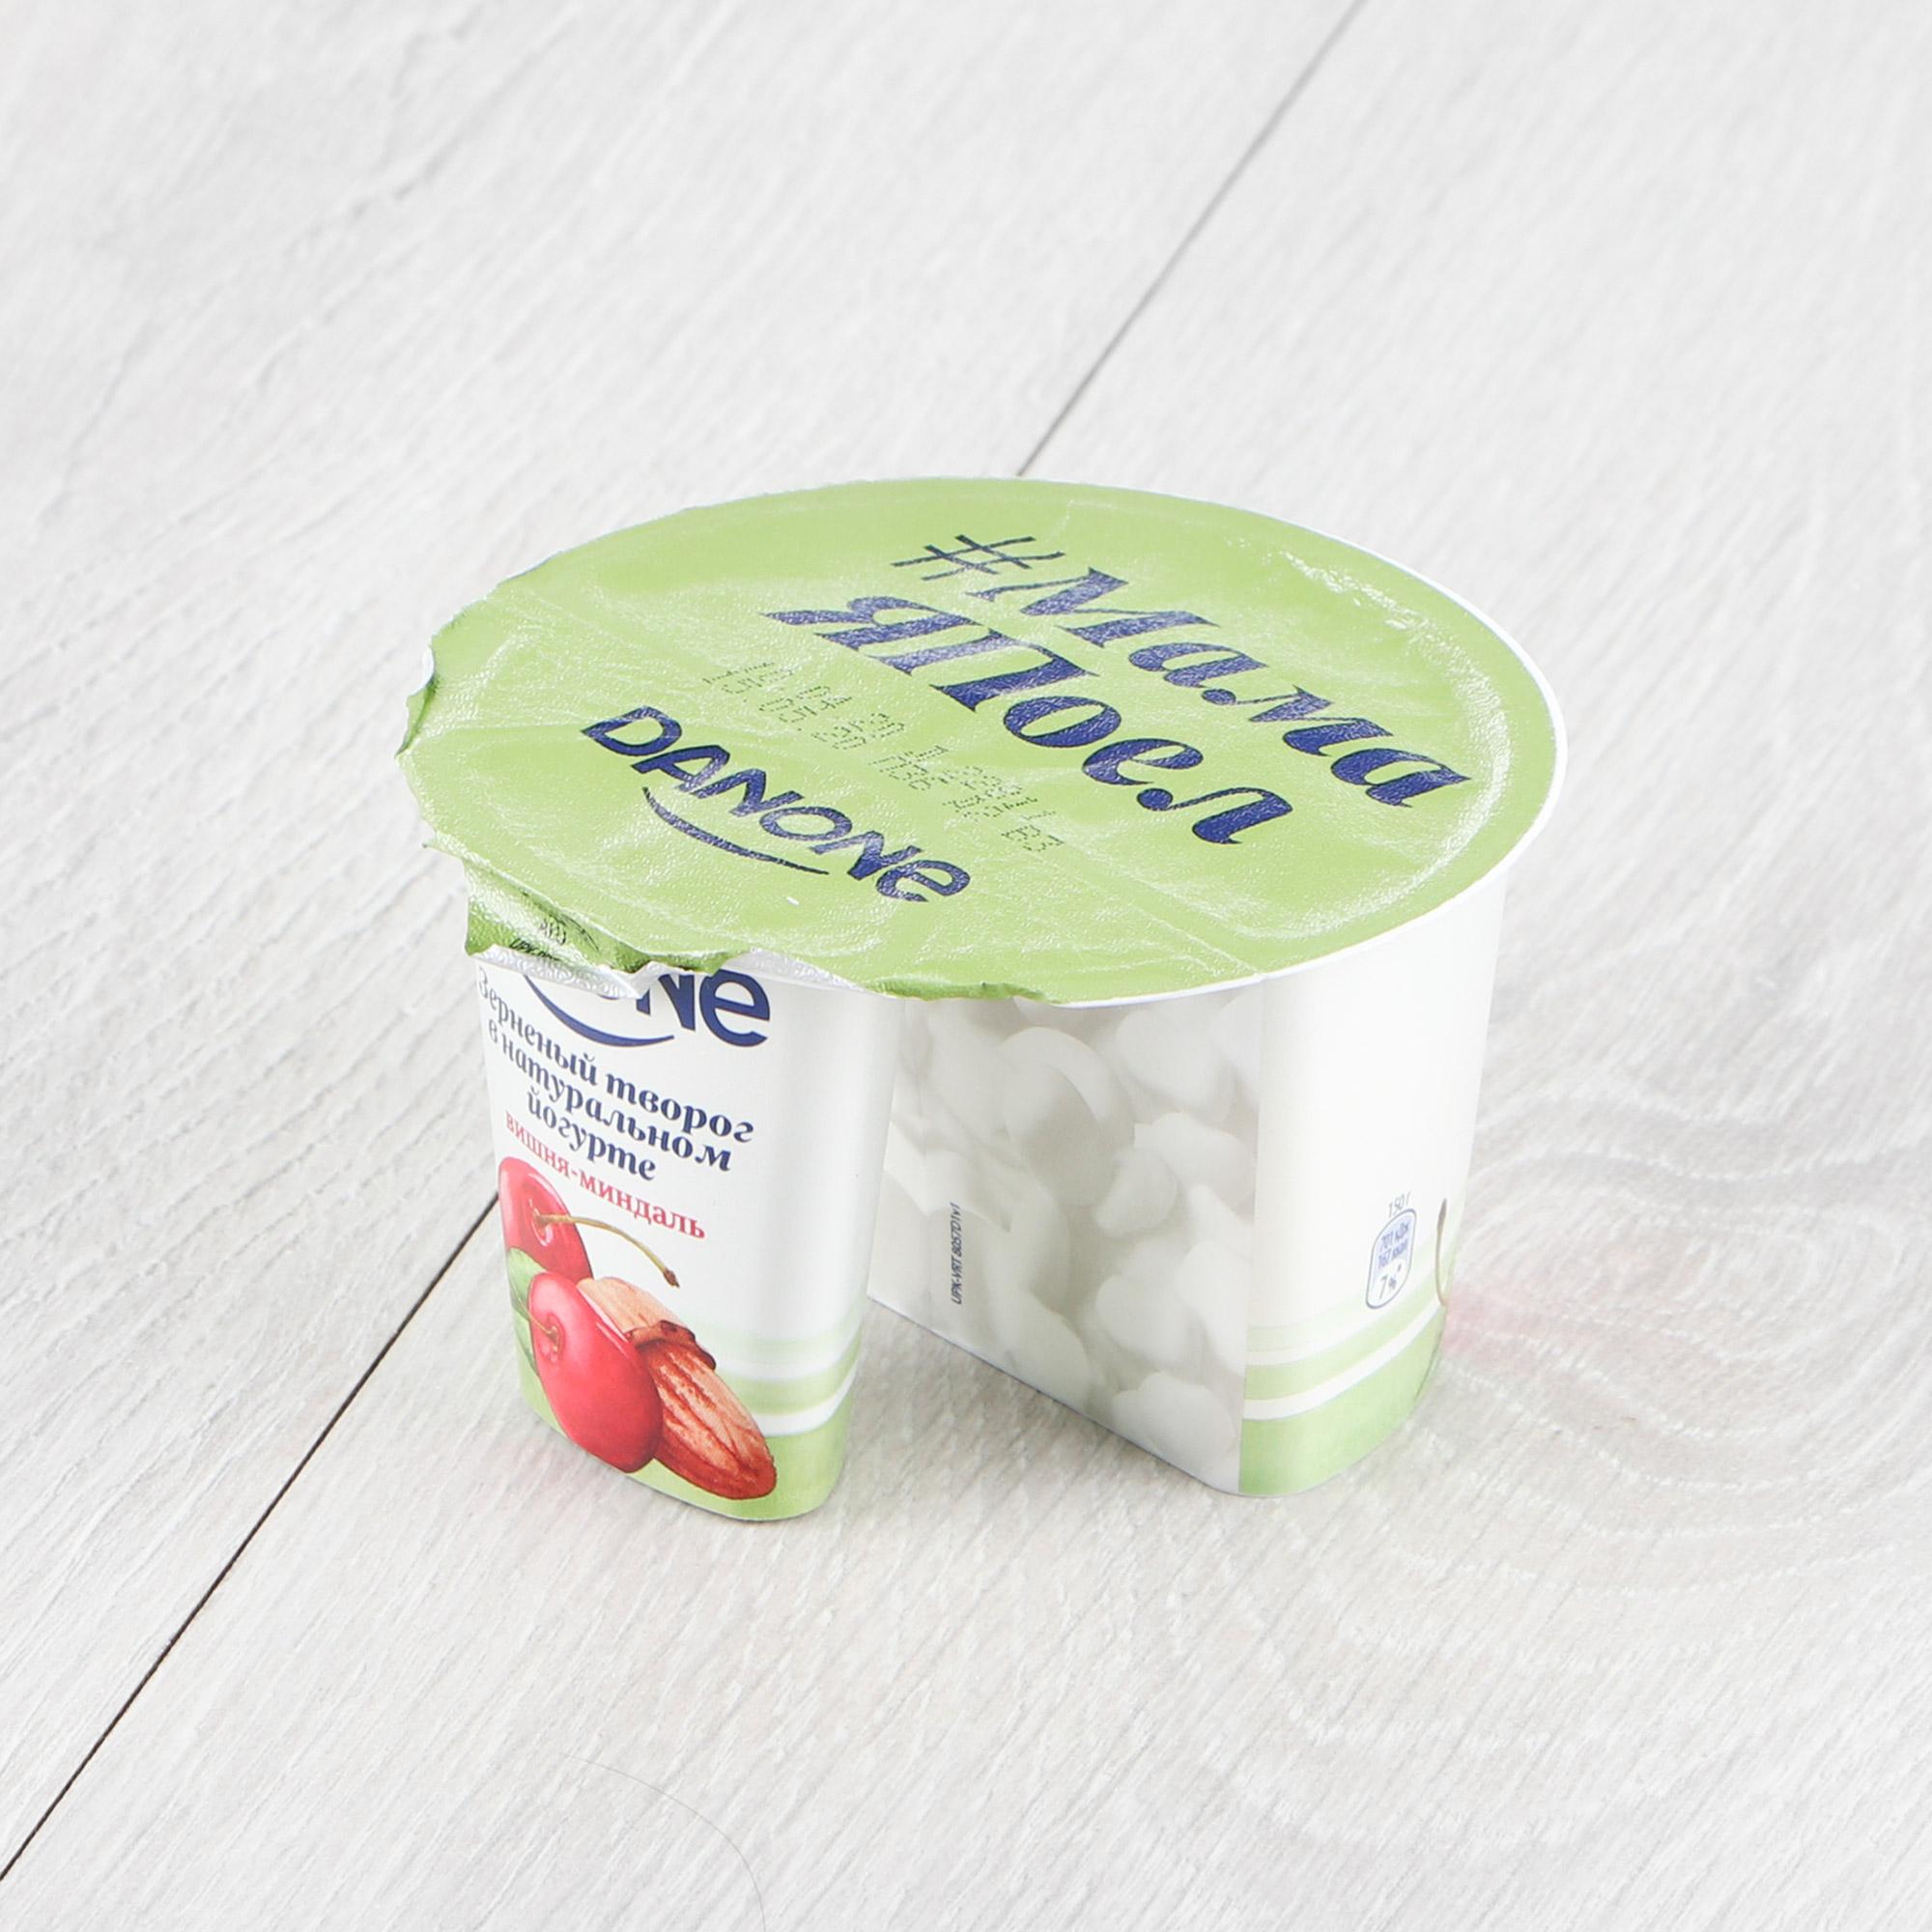 творог б ю александров 5% 150 г Творог в йогурте Danone Вишня, миндаль 150 г